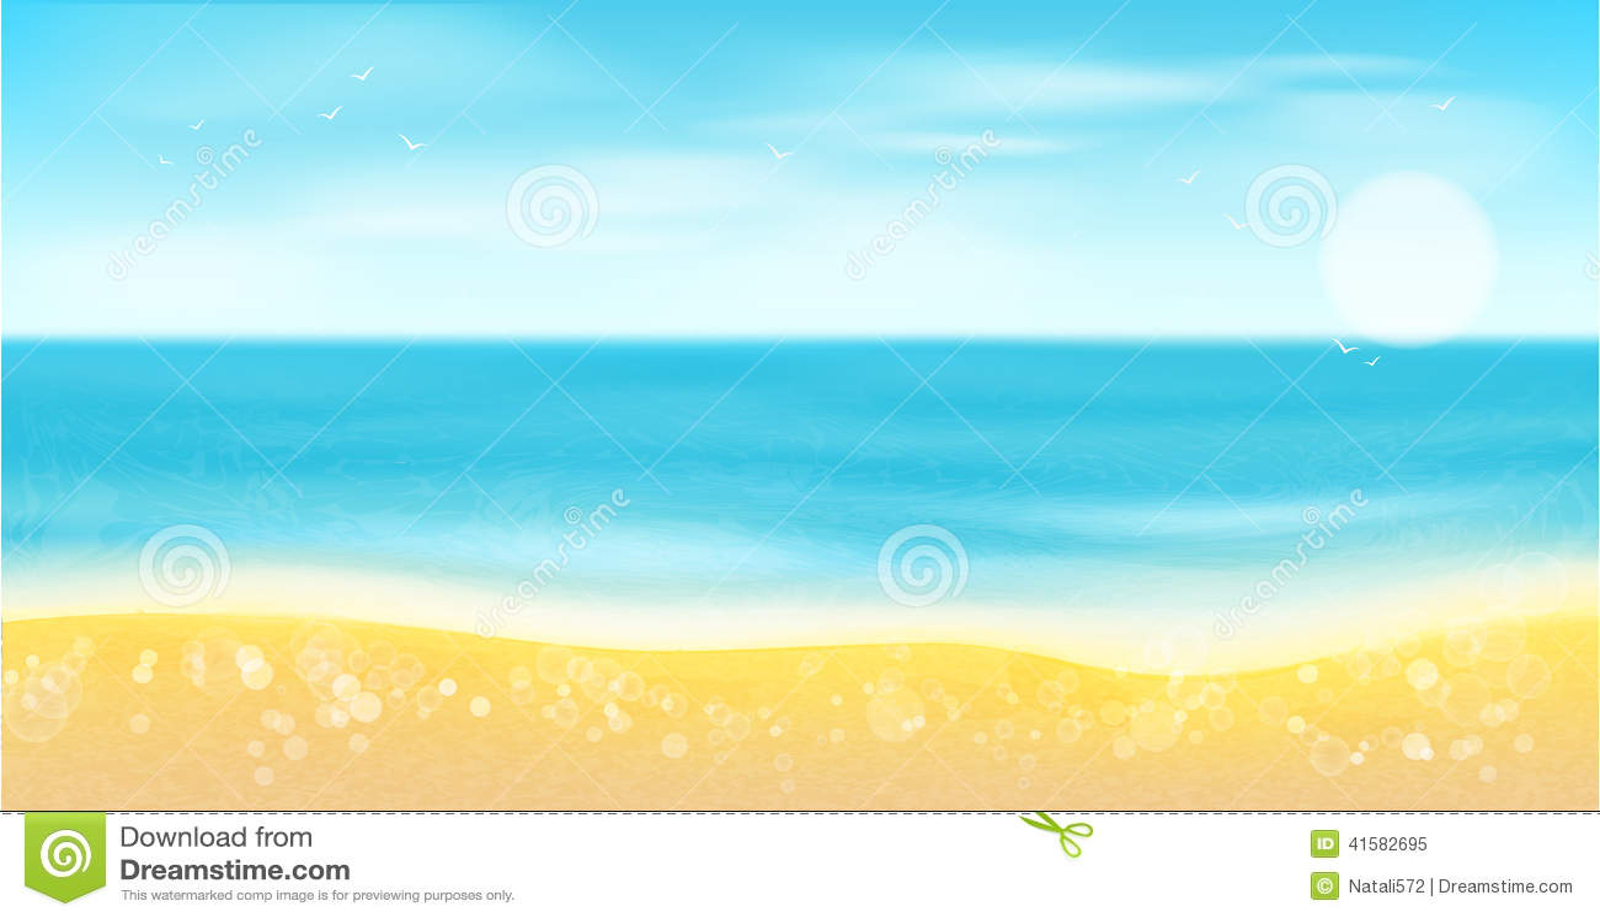 Playa mar arena y sol fondo del verano ilustraci n del for Fondo del sol